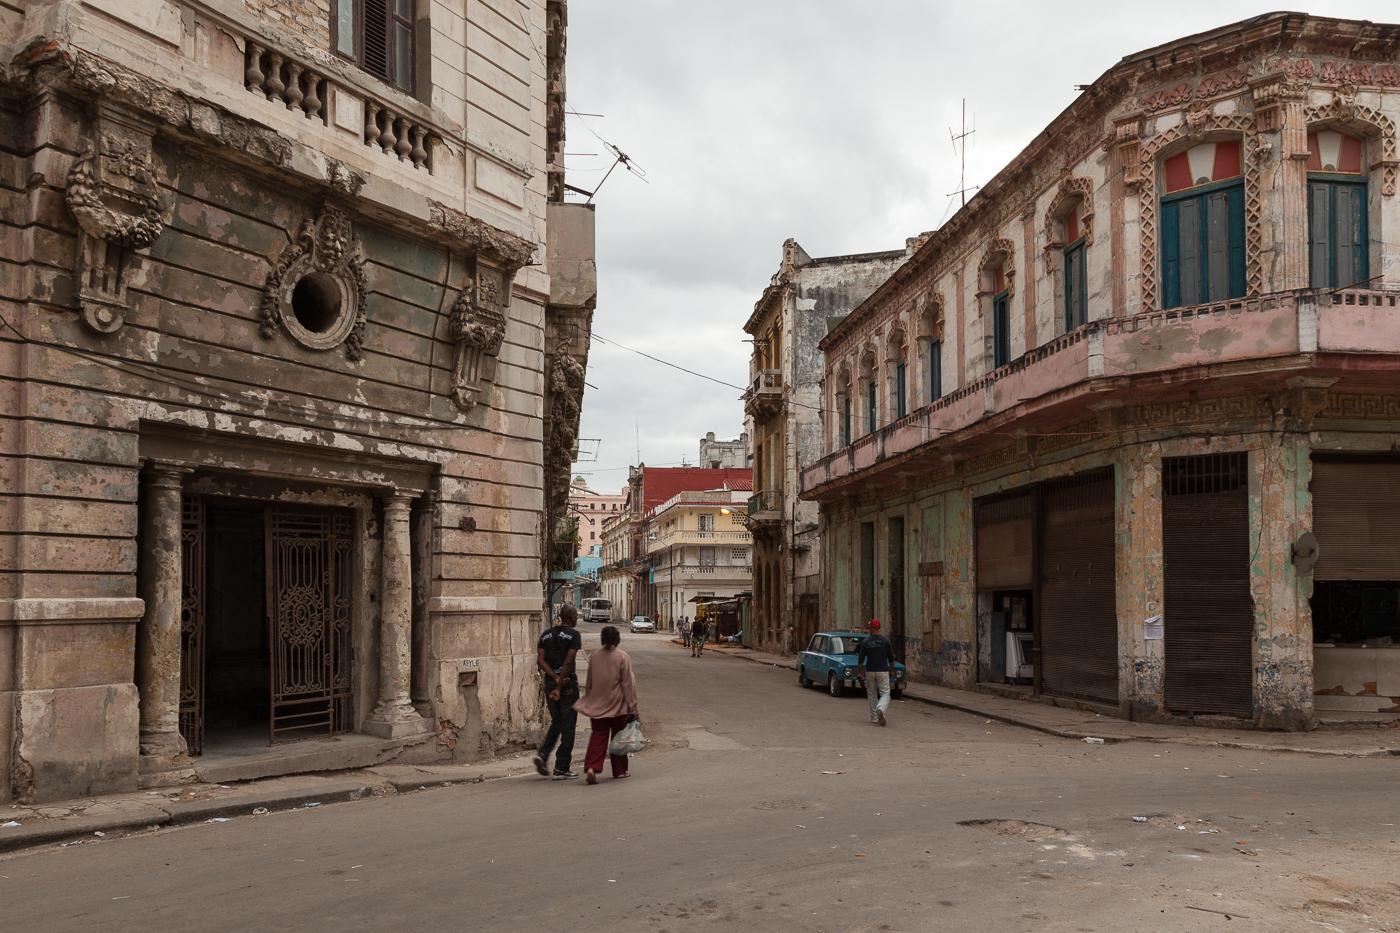 Street Scene in Old Havana